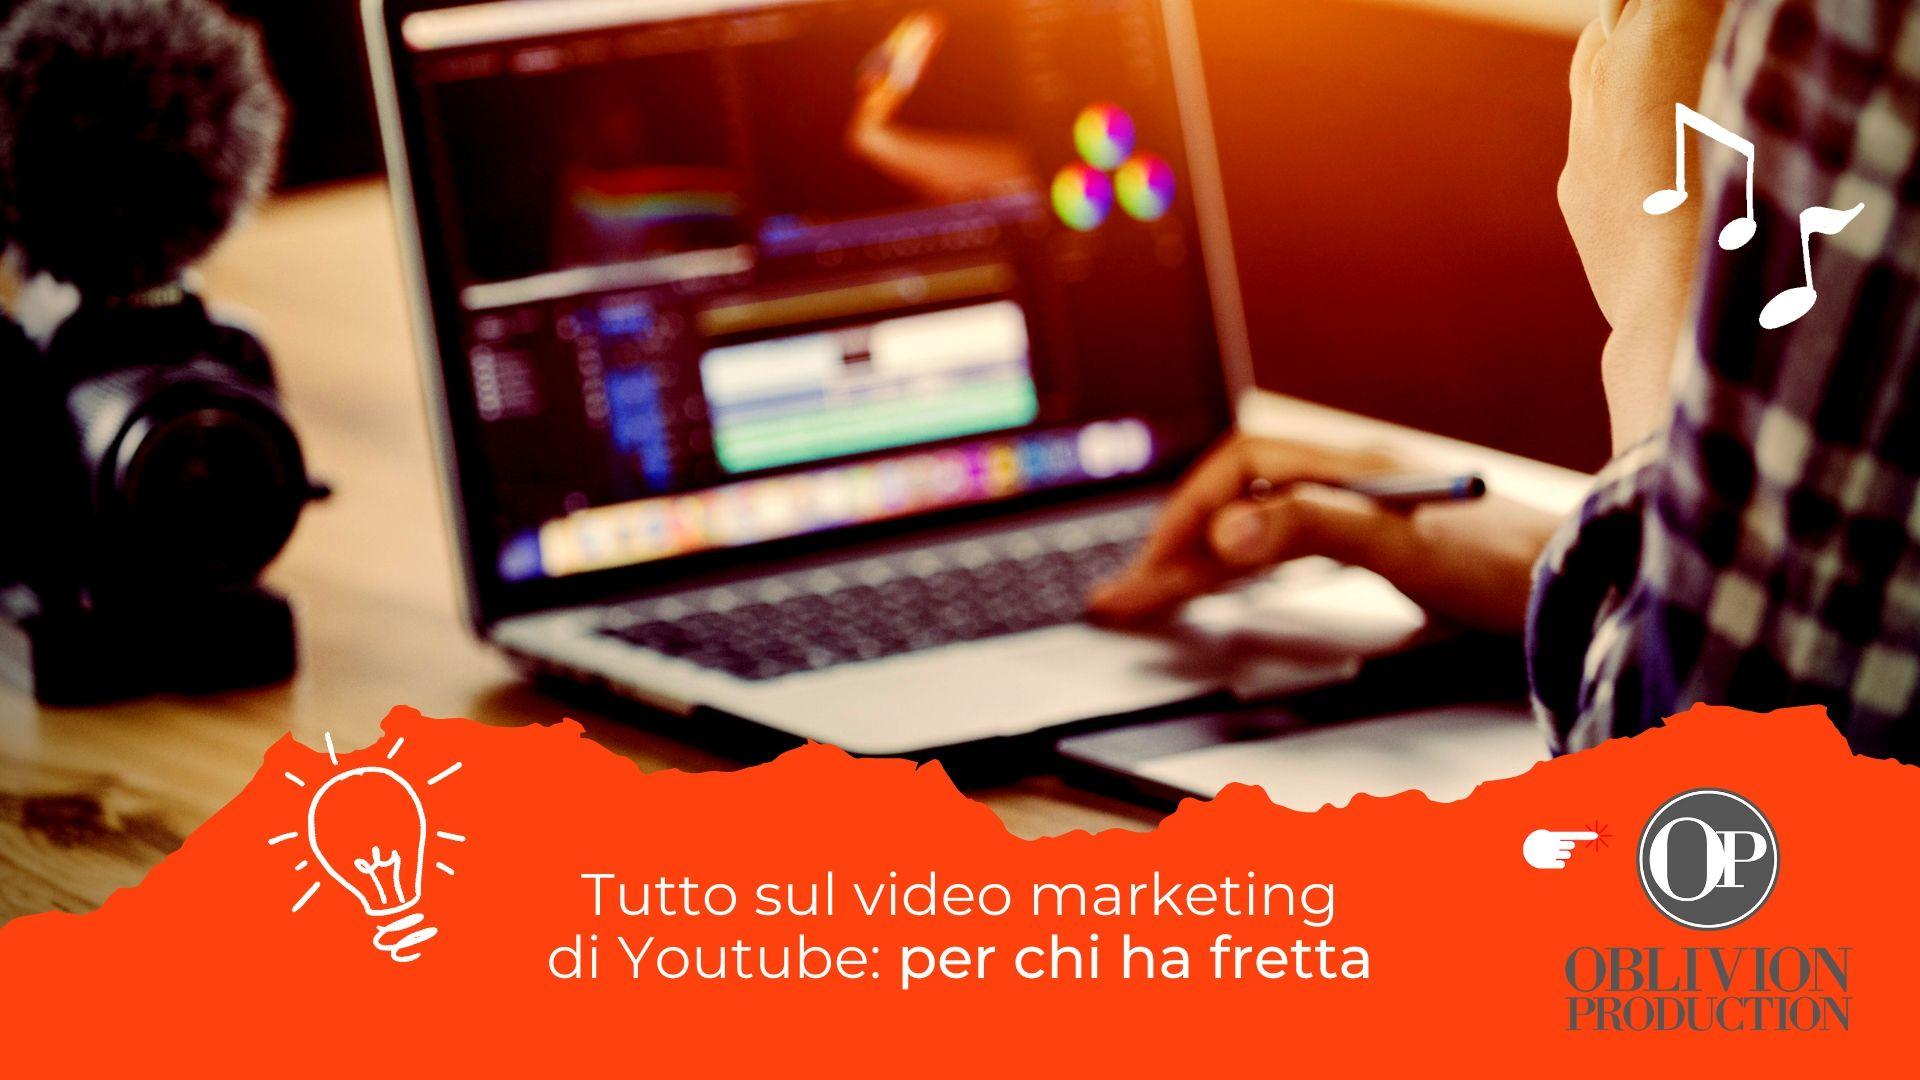 Tutto sul video marketing di Youtube_ per chi ha fretta